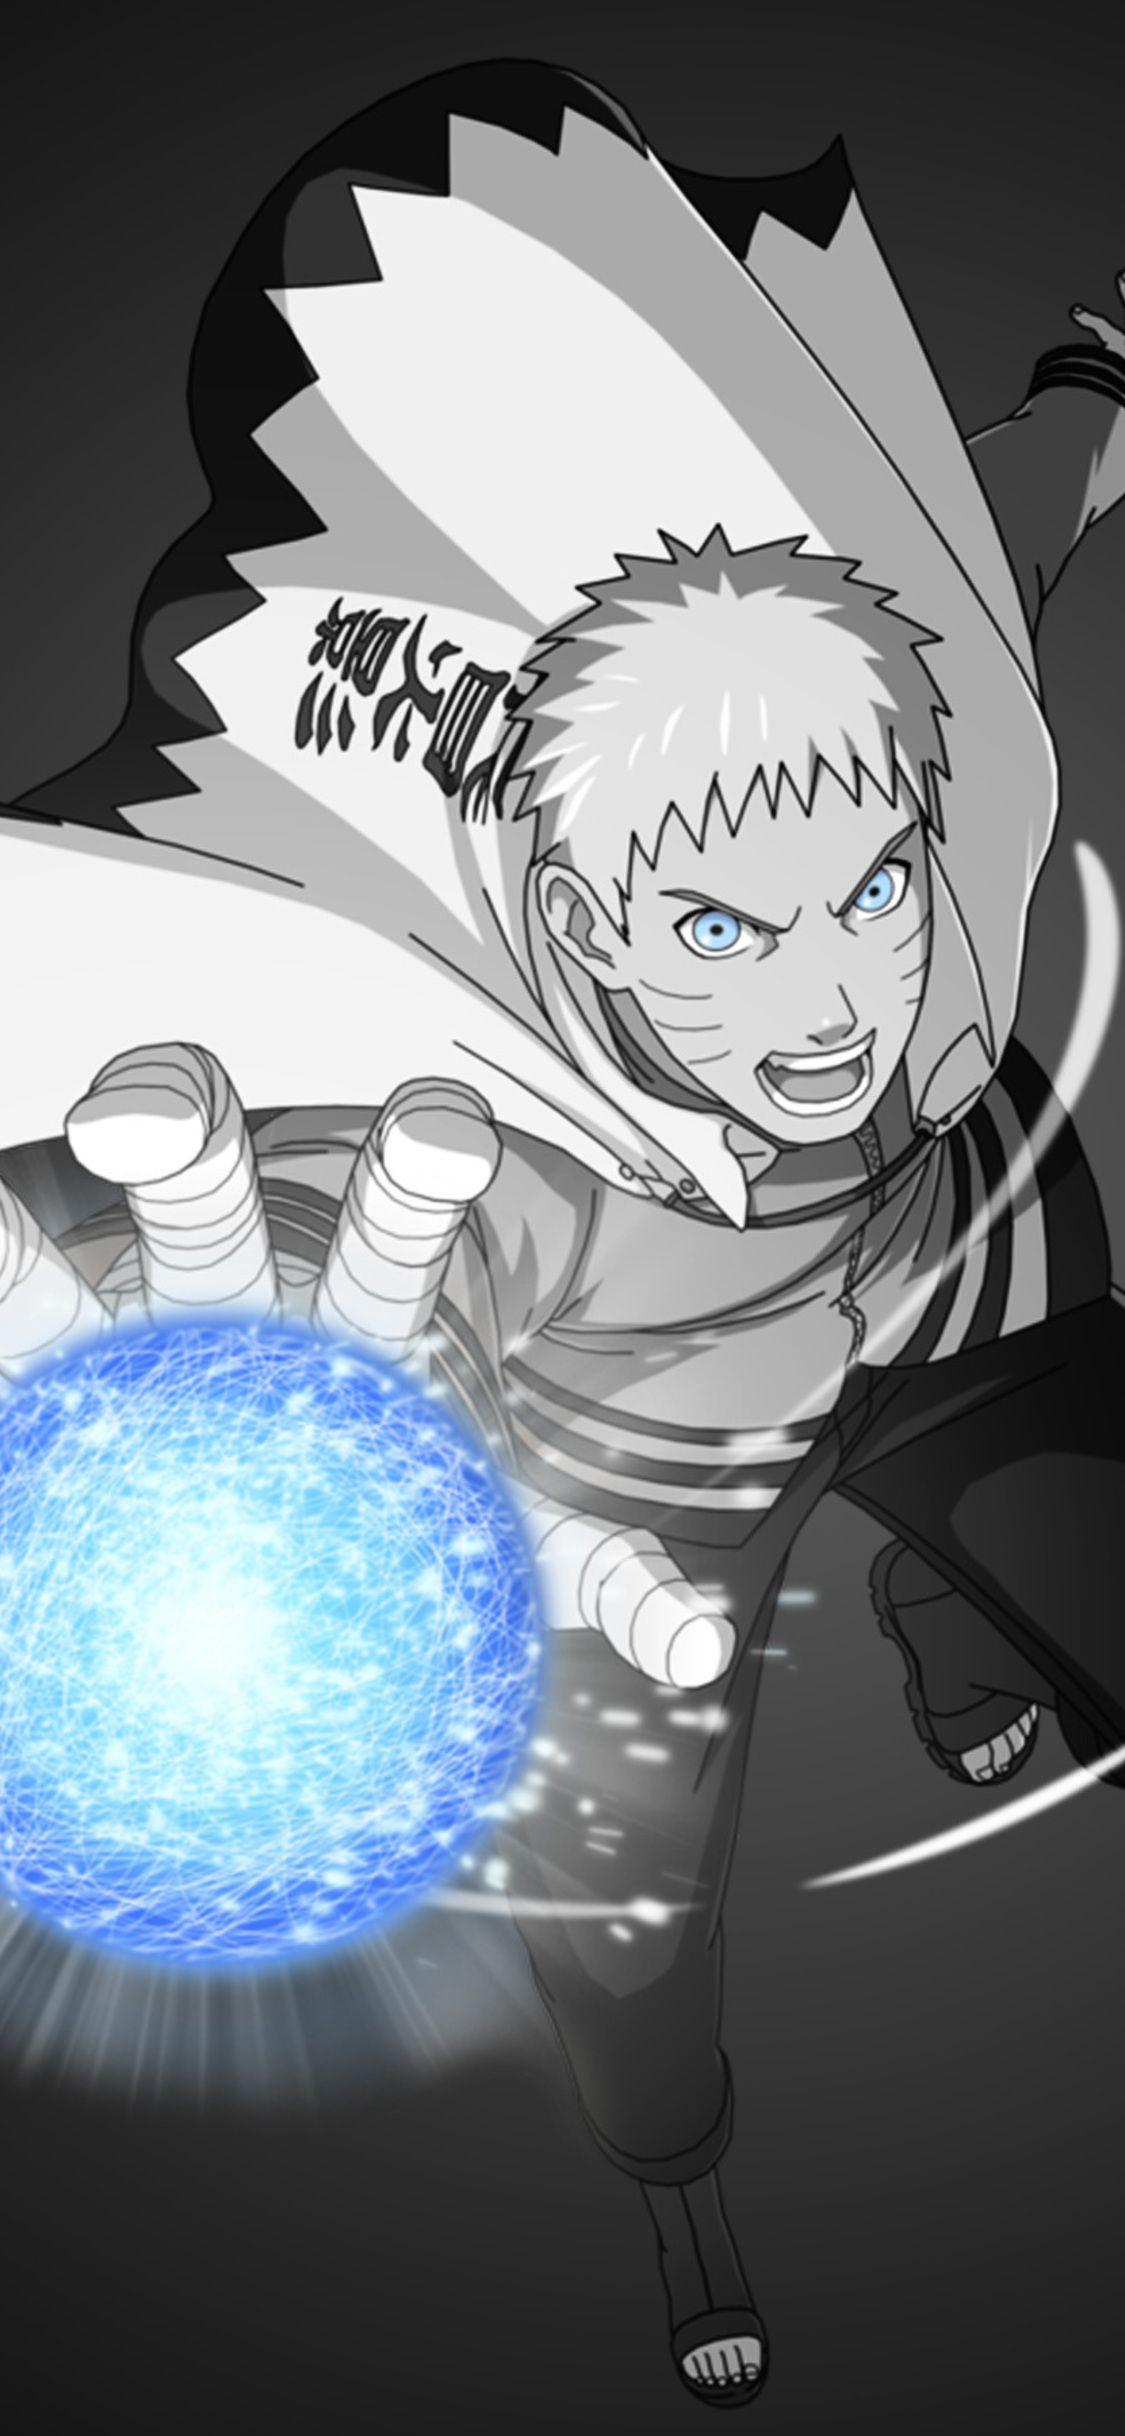 Naruto Rasengan Iphone X Naruto Desenho Naruto Manga Anime